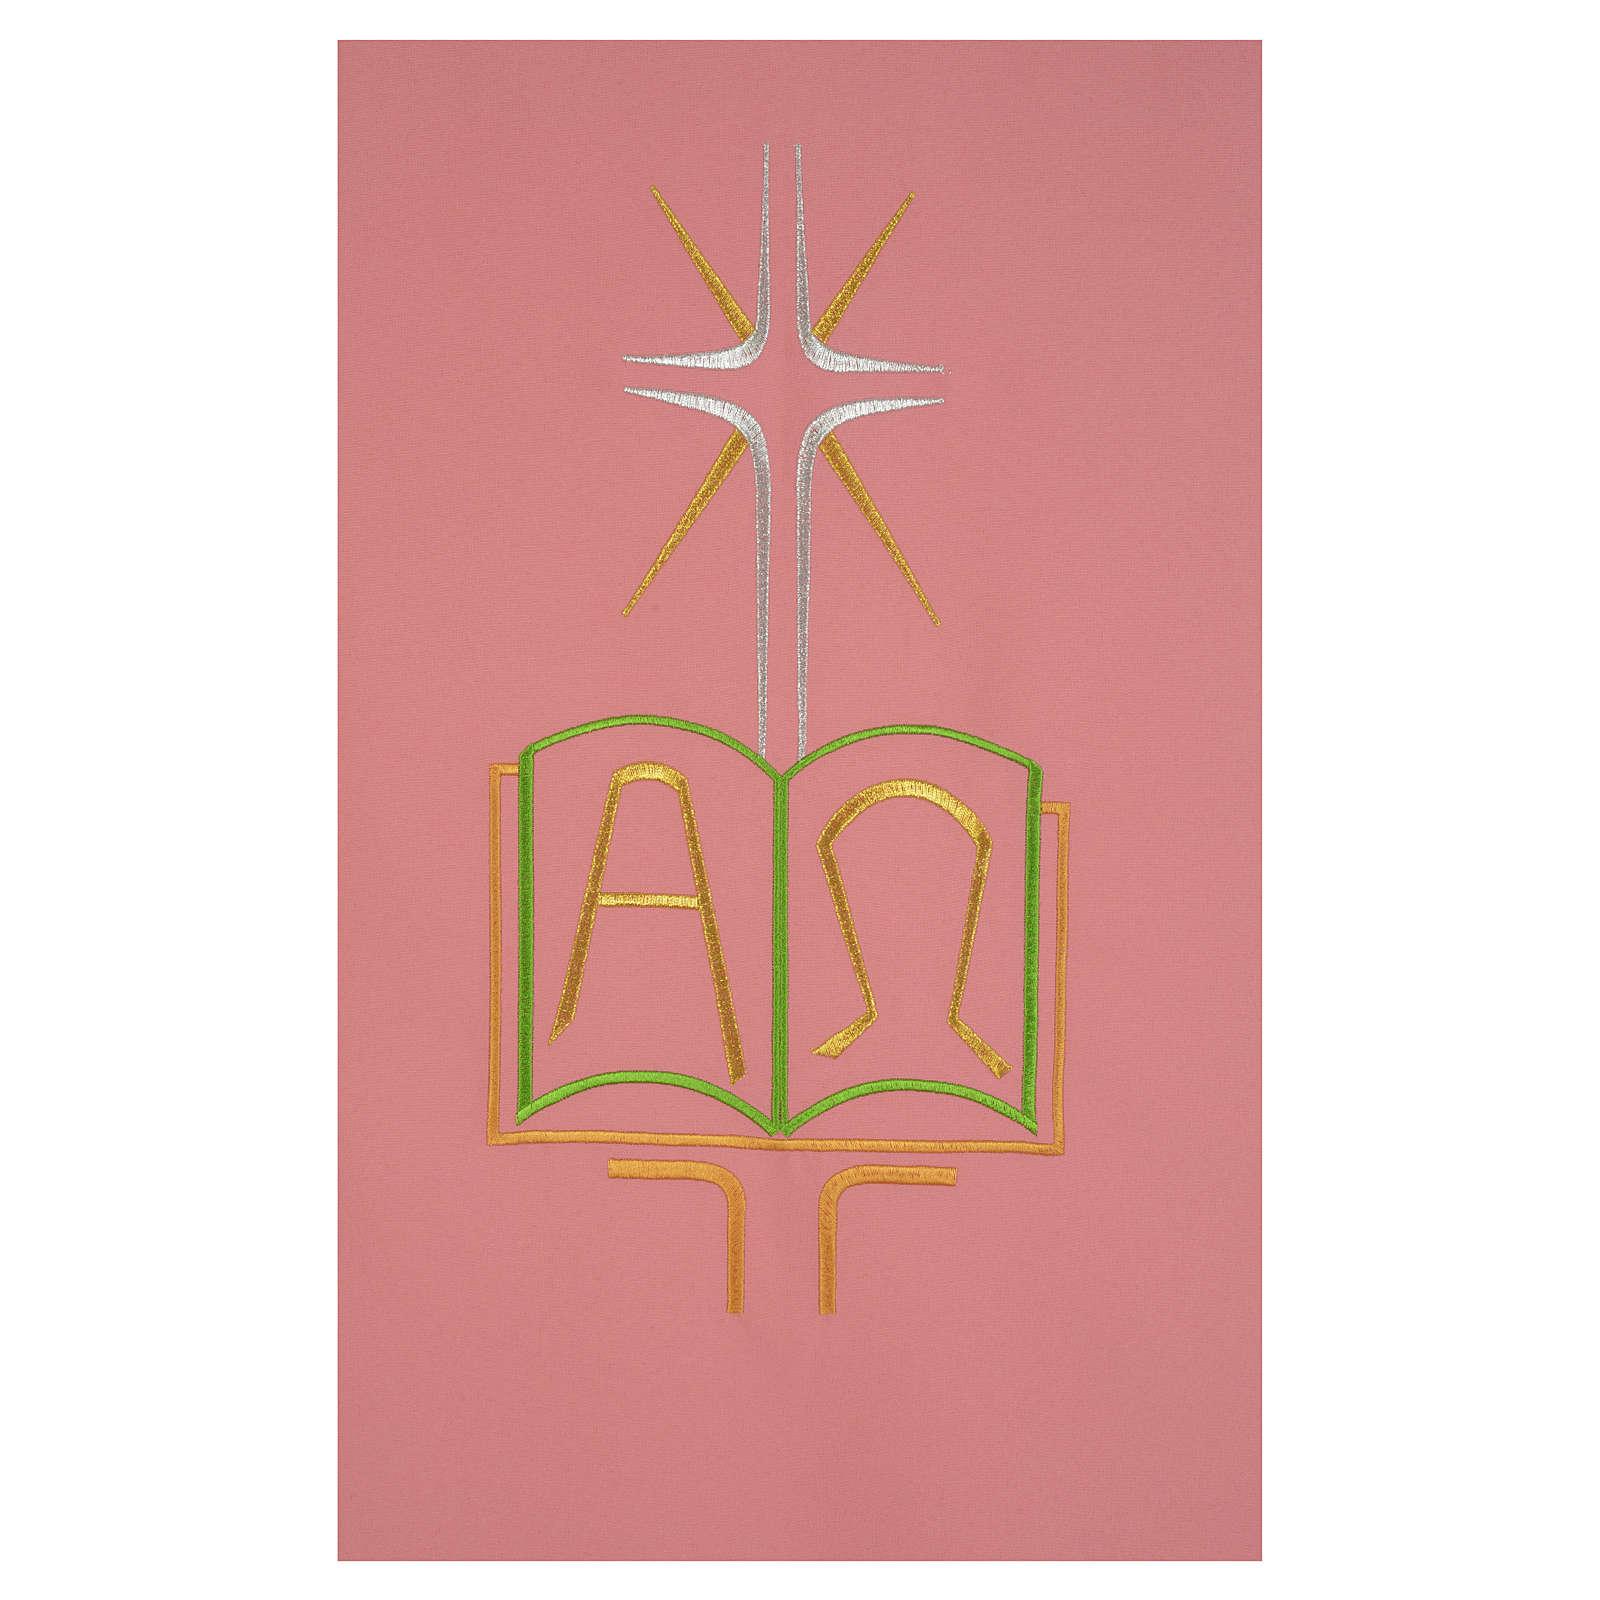 Coprileggio rosa 100% poliestere libro alfa e omega 4